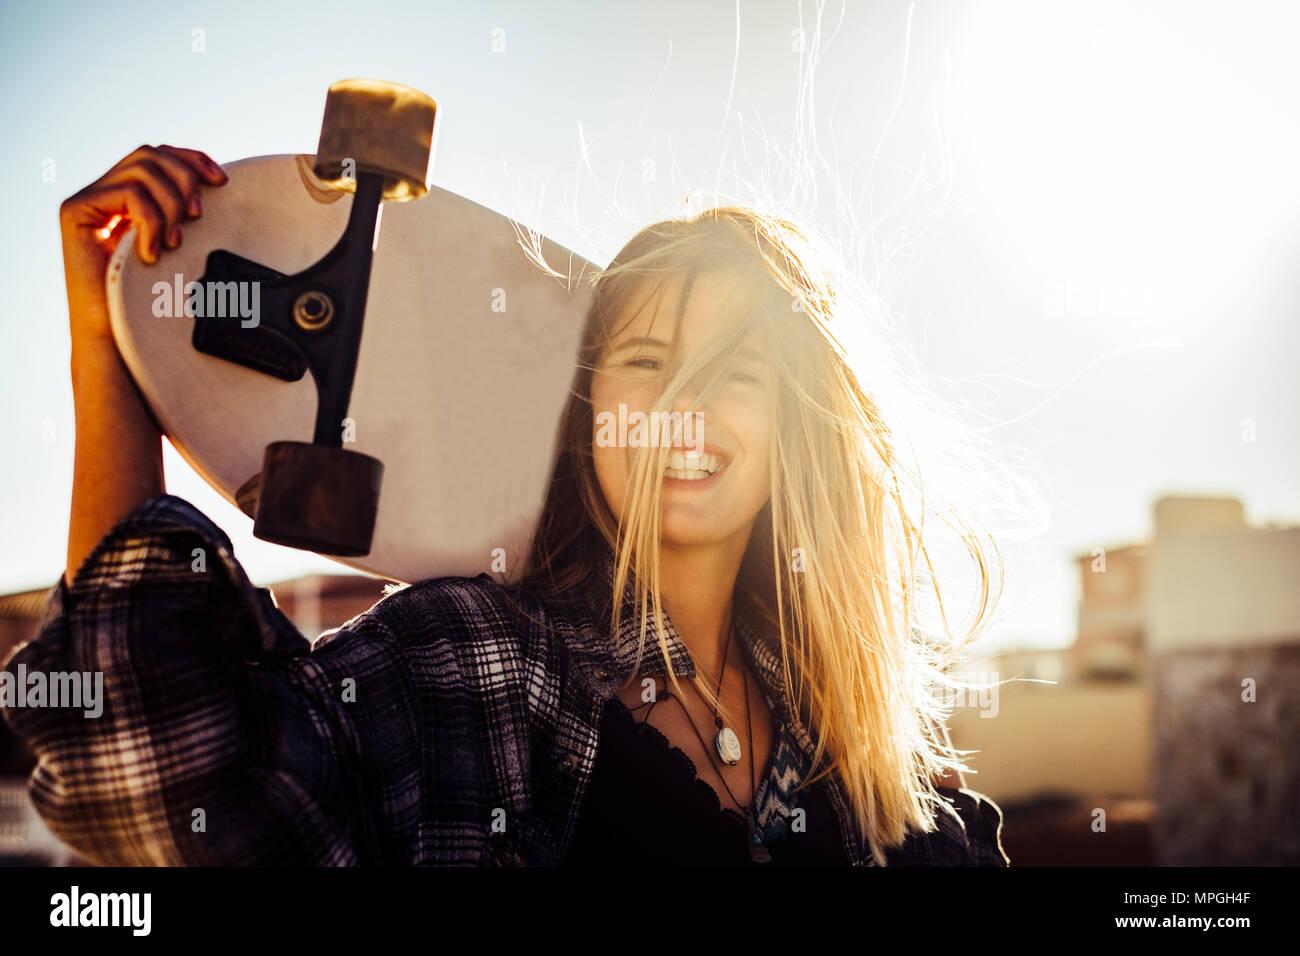 Schön caucasiamo blonde Modell freie Frau mit einem Skateboard in der Sonne Hintergrundbeleuchtung bei Sonnenuntergang. Freiheit und Unabhängigkeit Jugend Konzept auf Teneriffa. Hair Stockbild